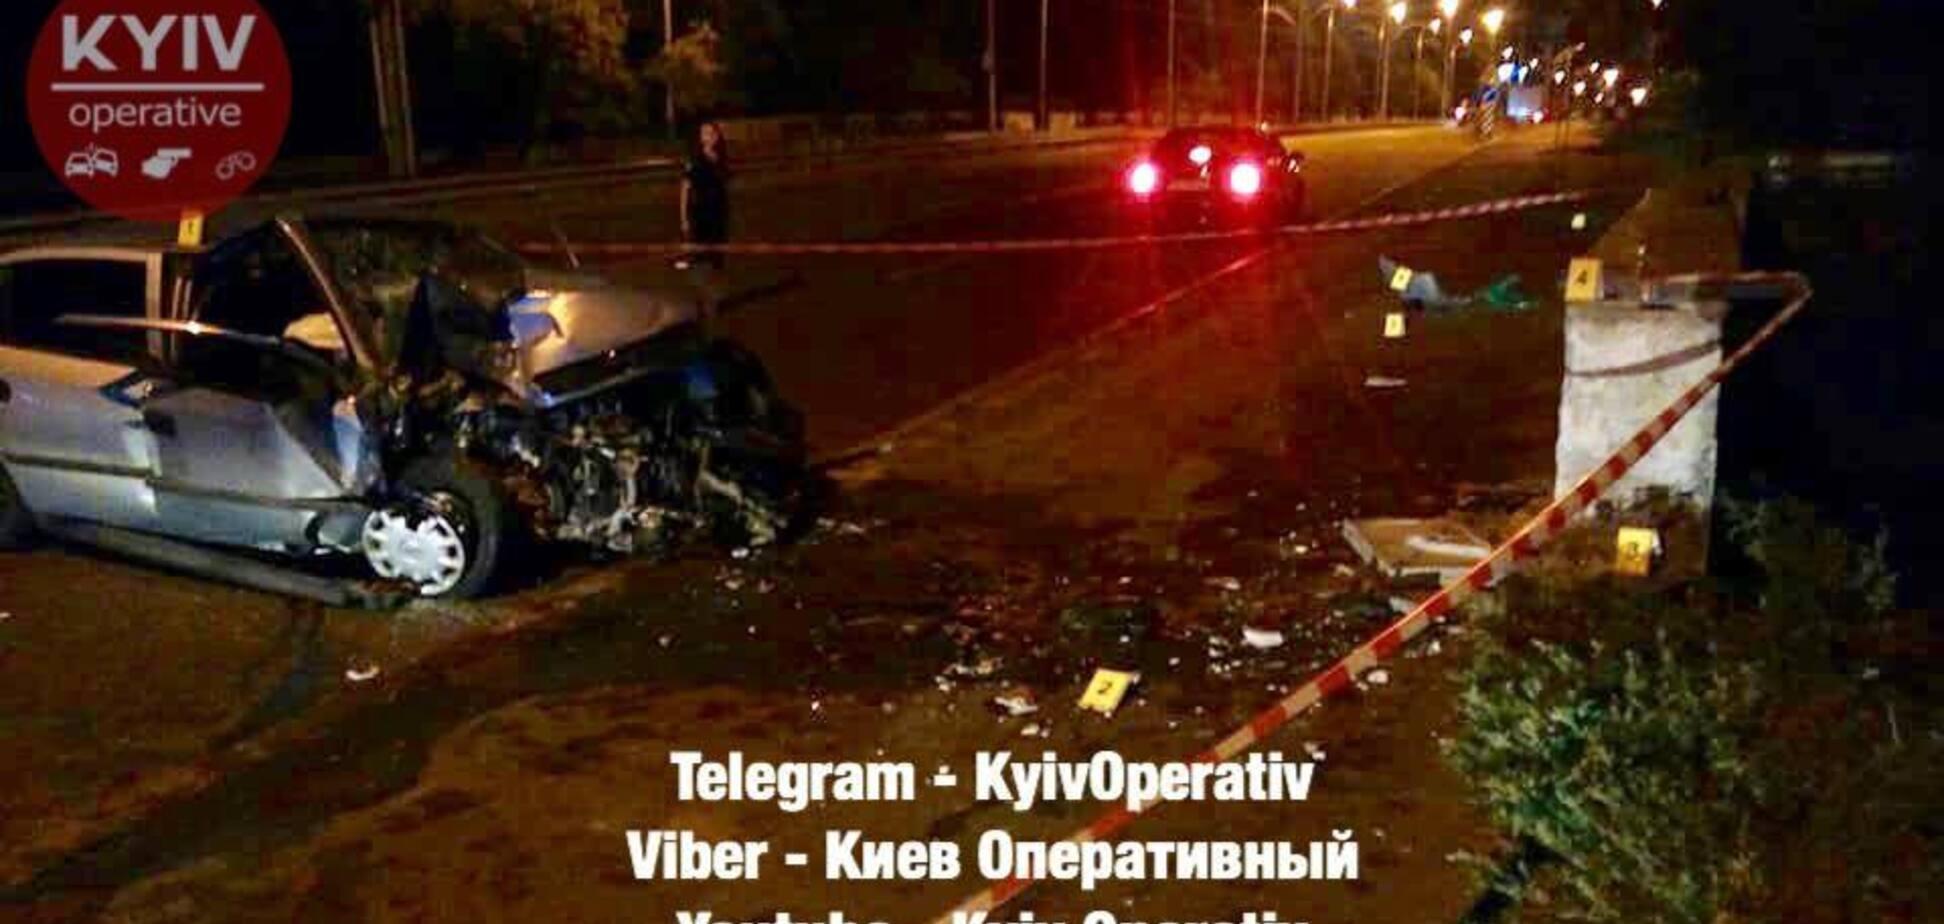 У Києві таксист влаштував смертельну ДТП: перші фото з місця НП